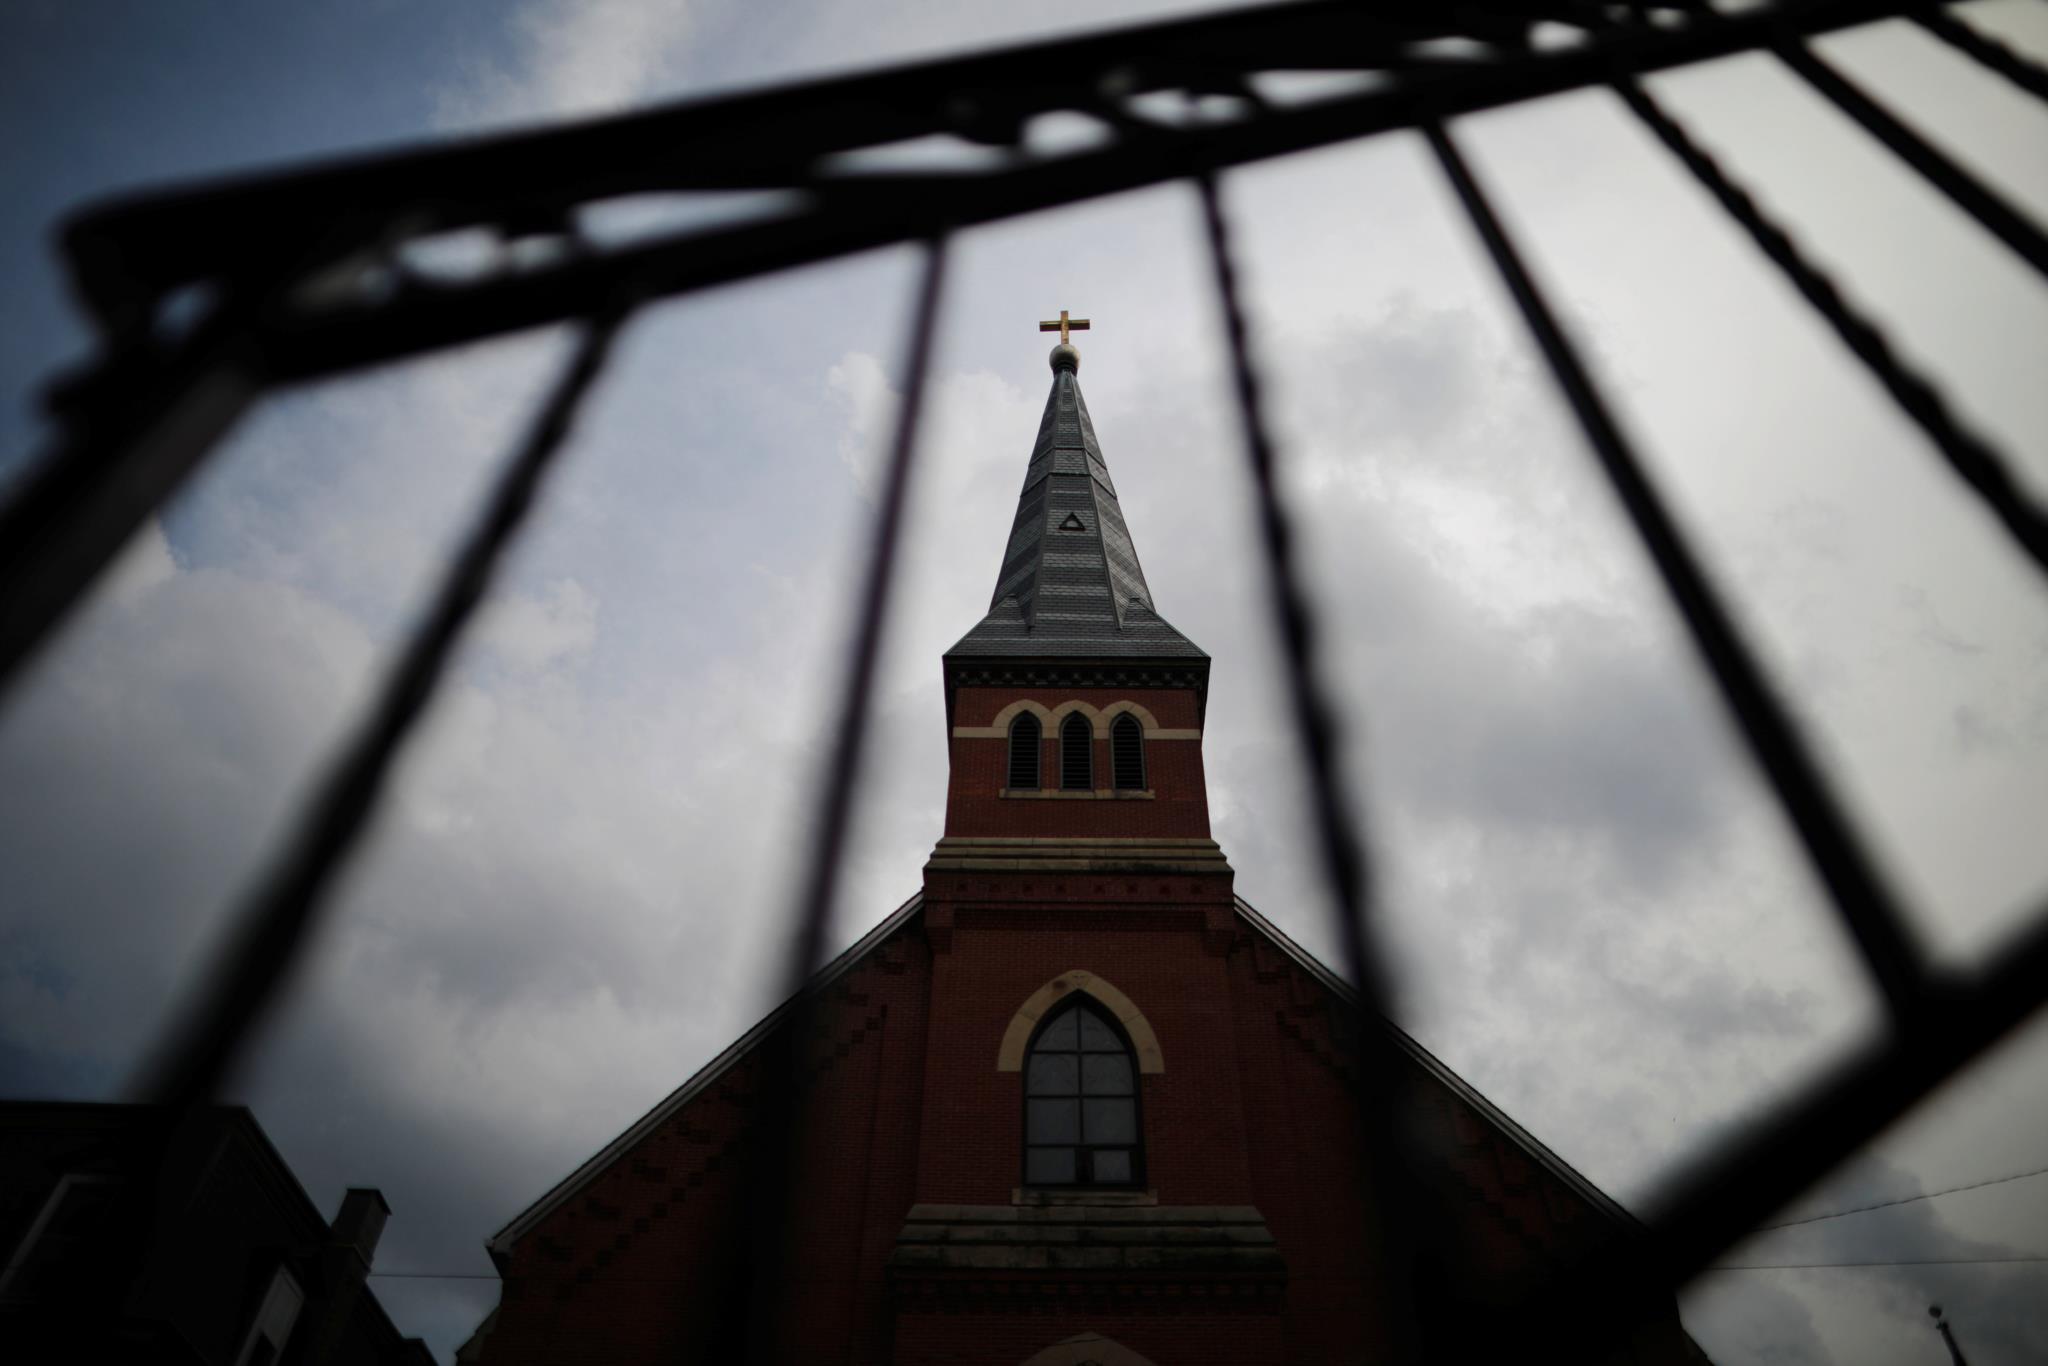 Abusos sexuais e desculpas. Uma história que se repete na Igreja Católica